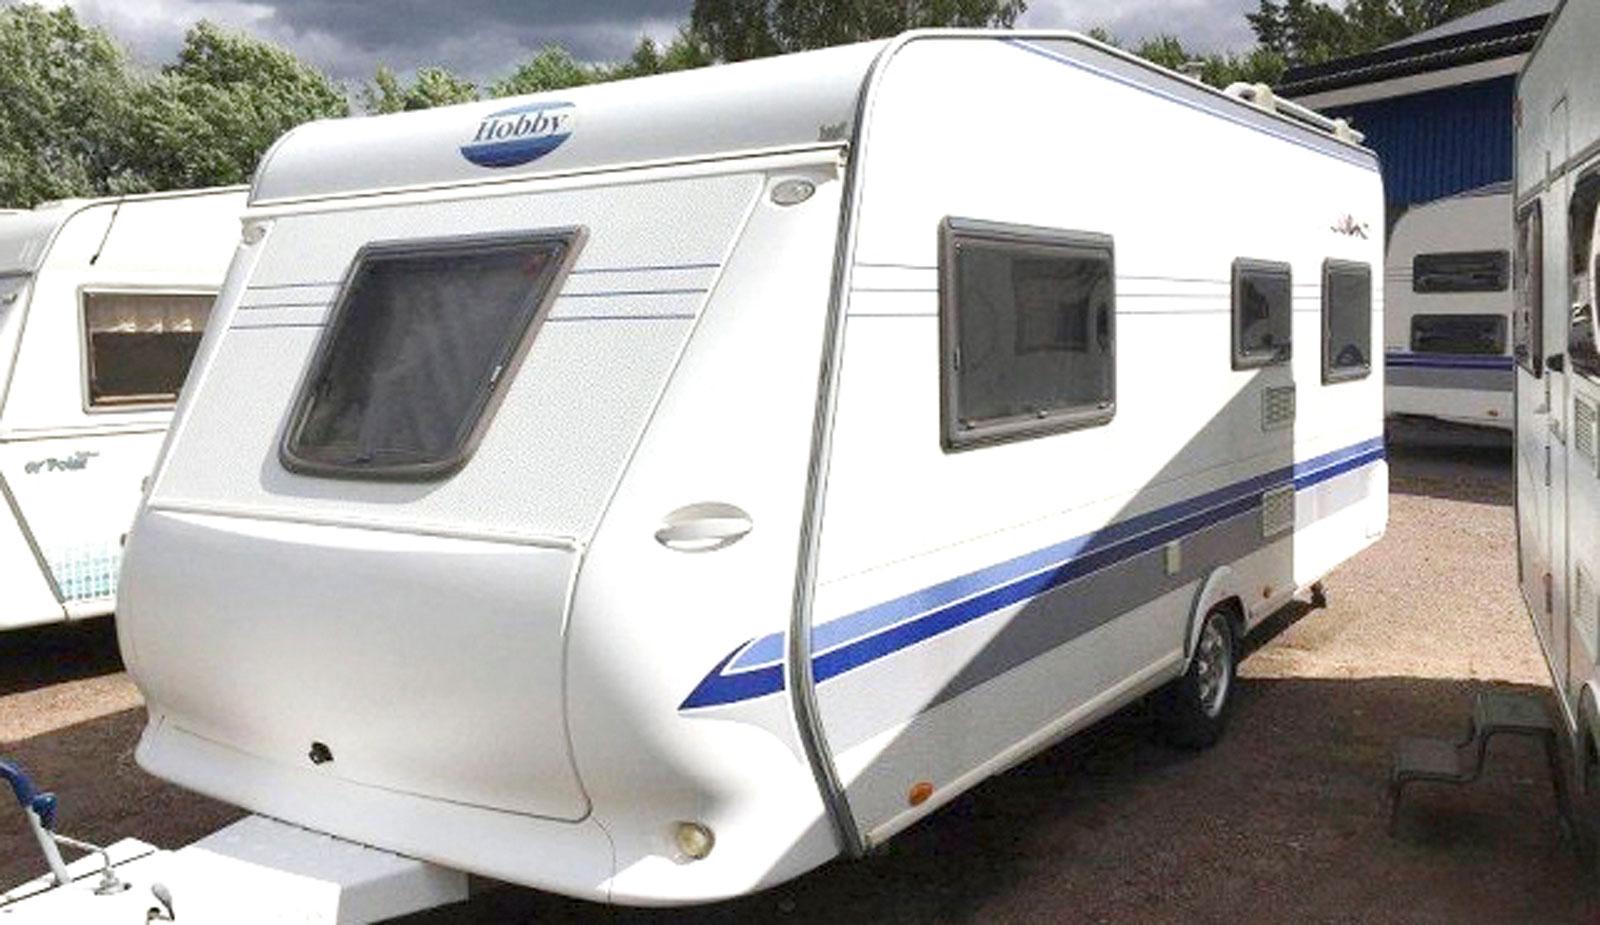 Hobby Excellent 540 UE  (2005) Nyare alternativ för snarlik prislapp. Kontinental vagn med luftburen värme, dubbelsäng och U-sitt. Mjölby. 99900kronor.